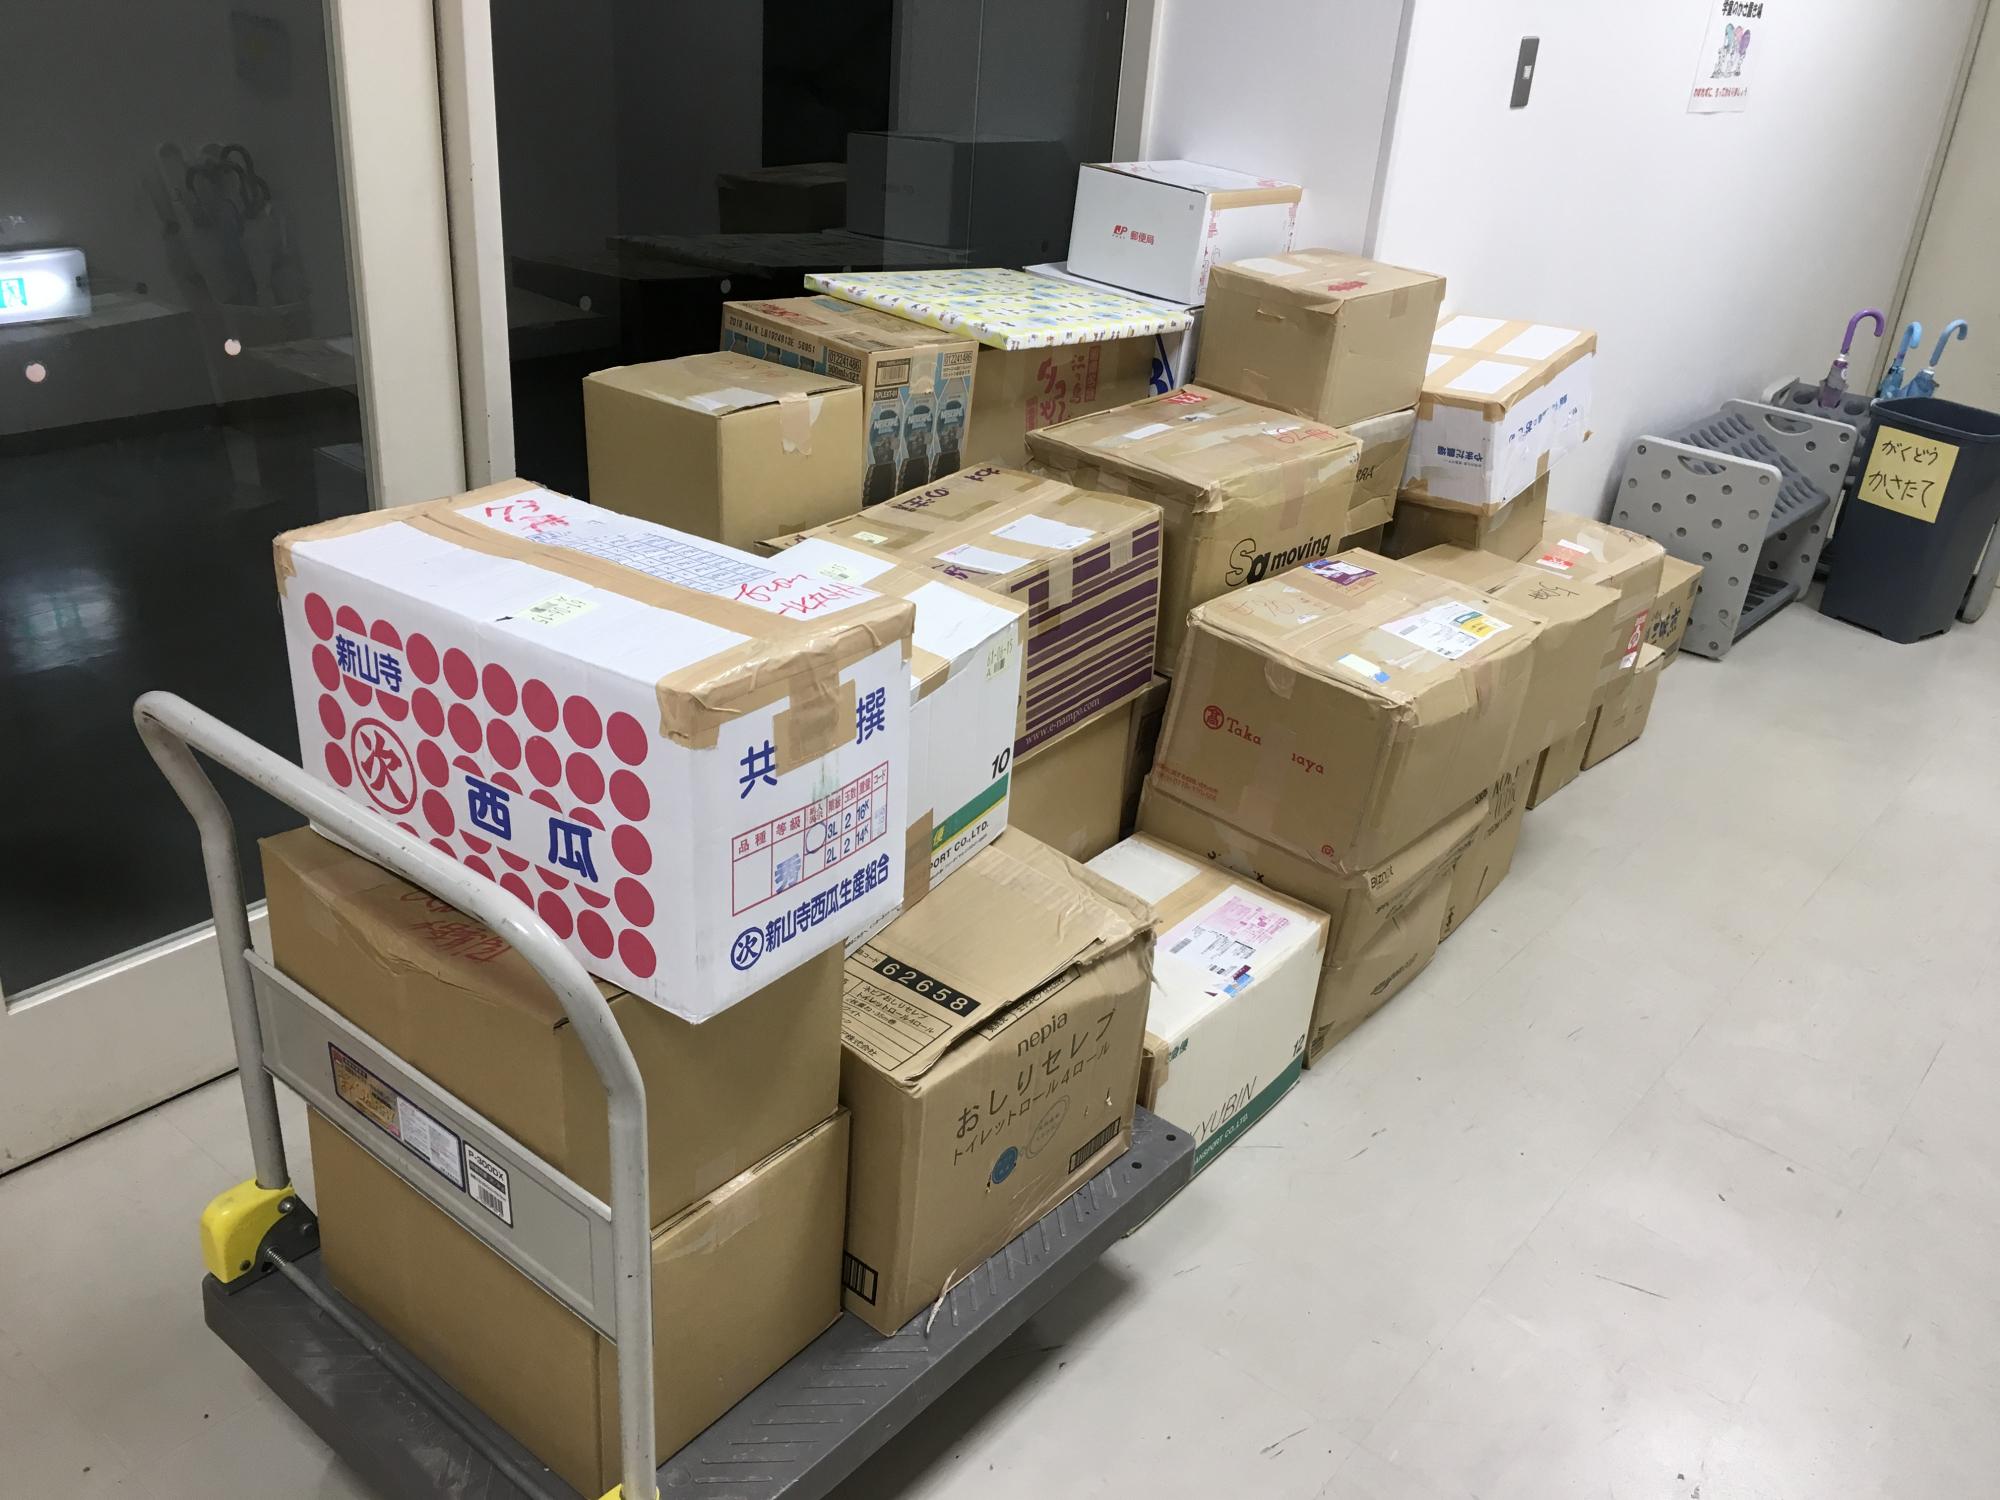 西日本豪雨被災地支援 オカヤマ絵本プロジェクト